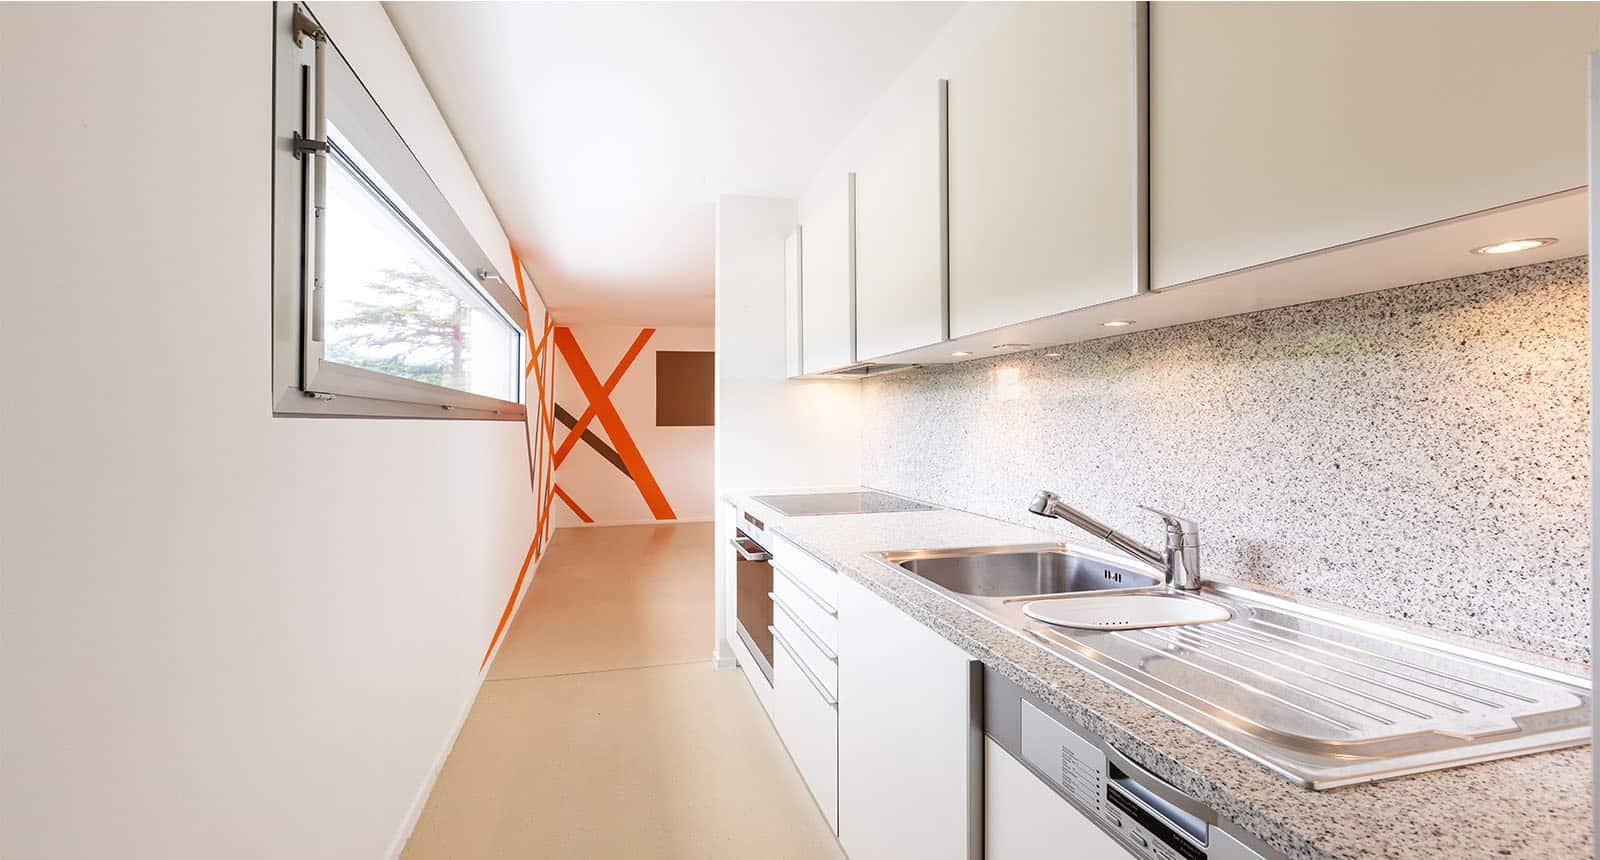 Spotlights Designer Apartment Resin